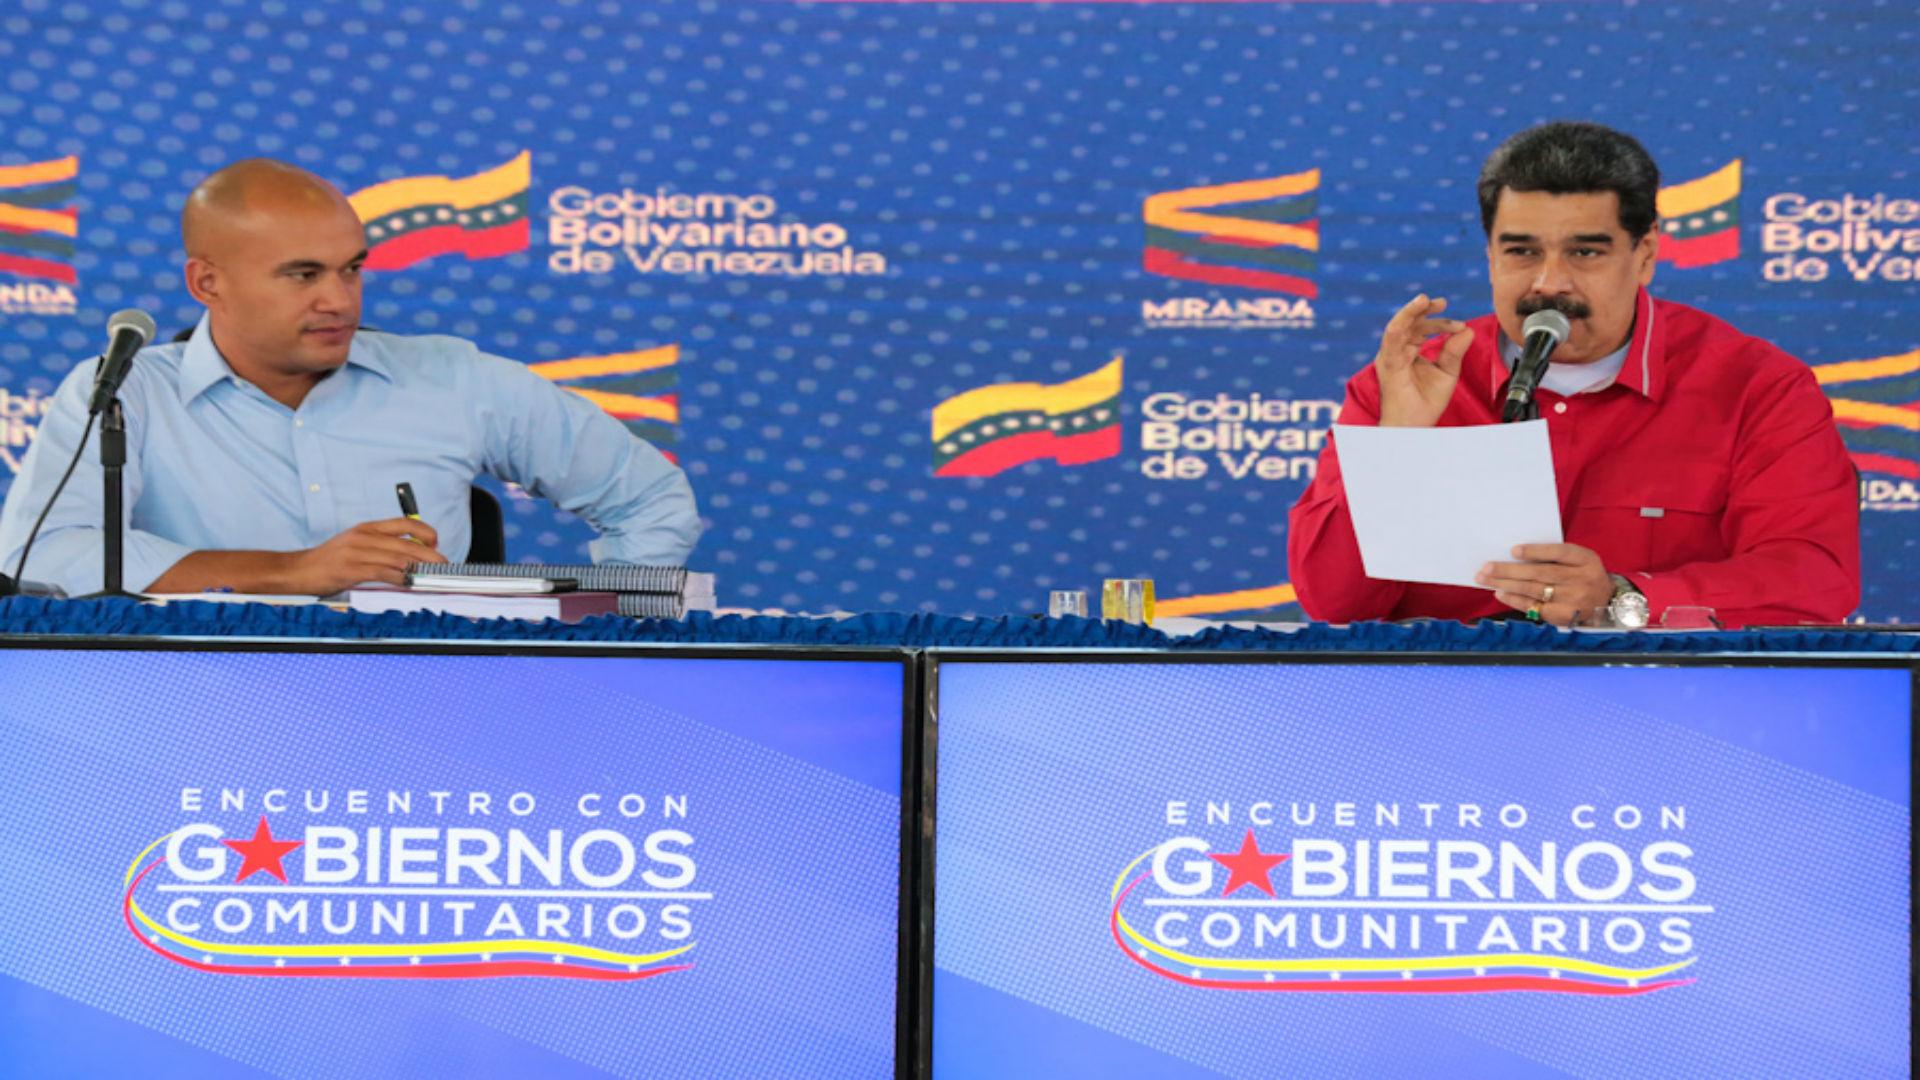 Las 10 perlas con las que se lució Maduro este #28Feb